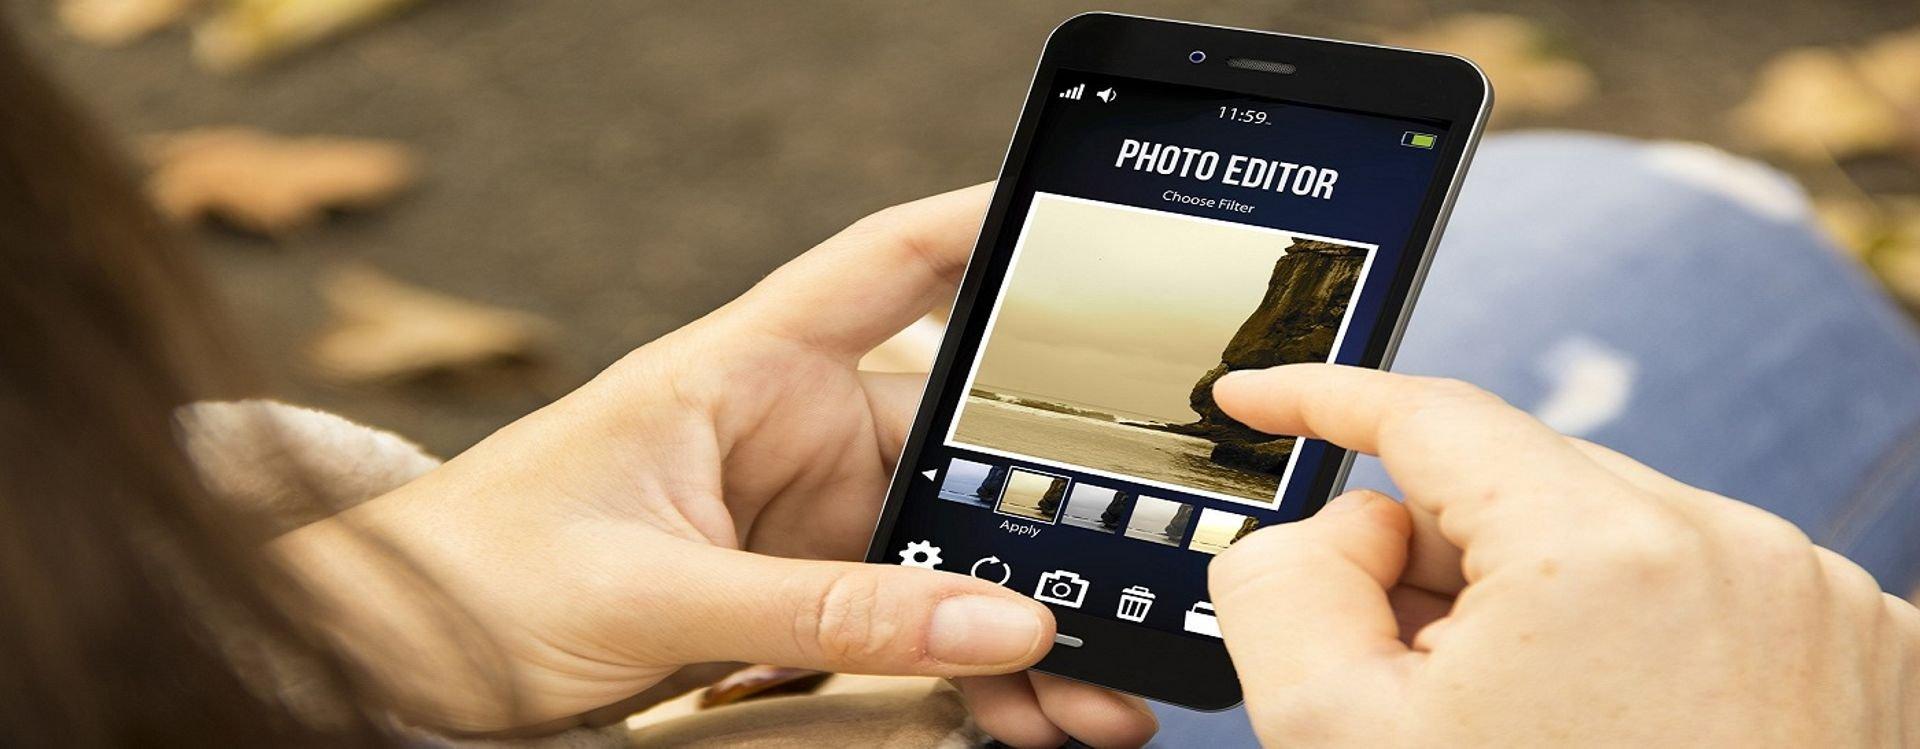 طريقك نحو صور احترافية، لنتعرف سويا على أفضل تطبيقات معالجة الصور على هواتف أندرويد